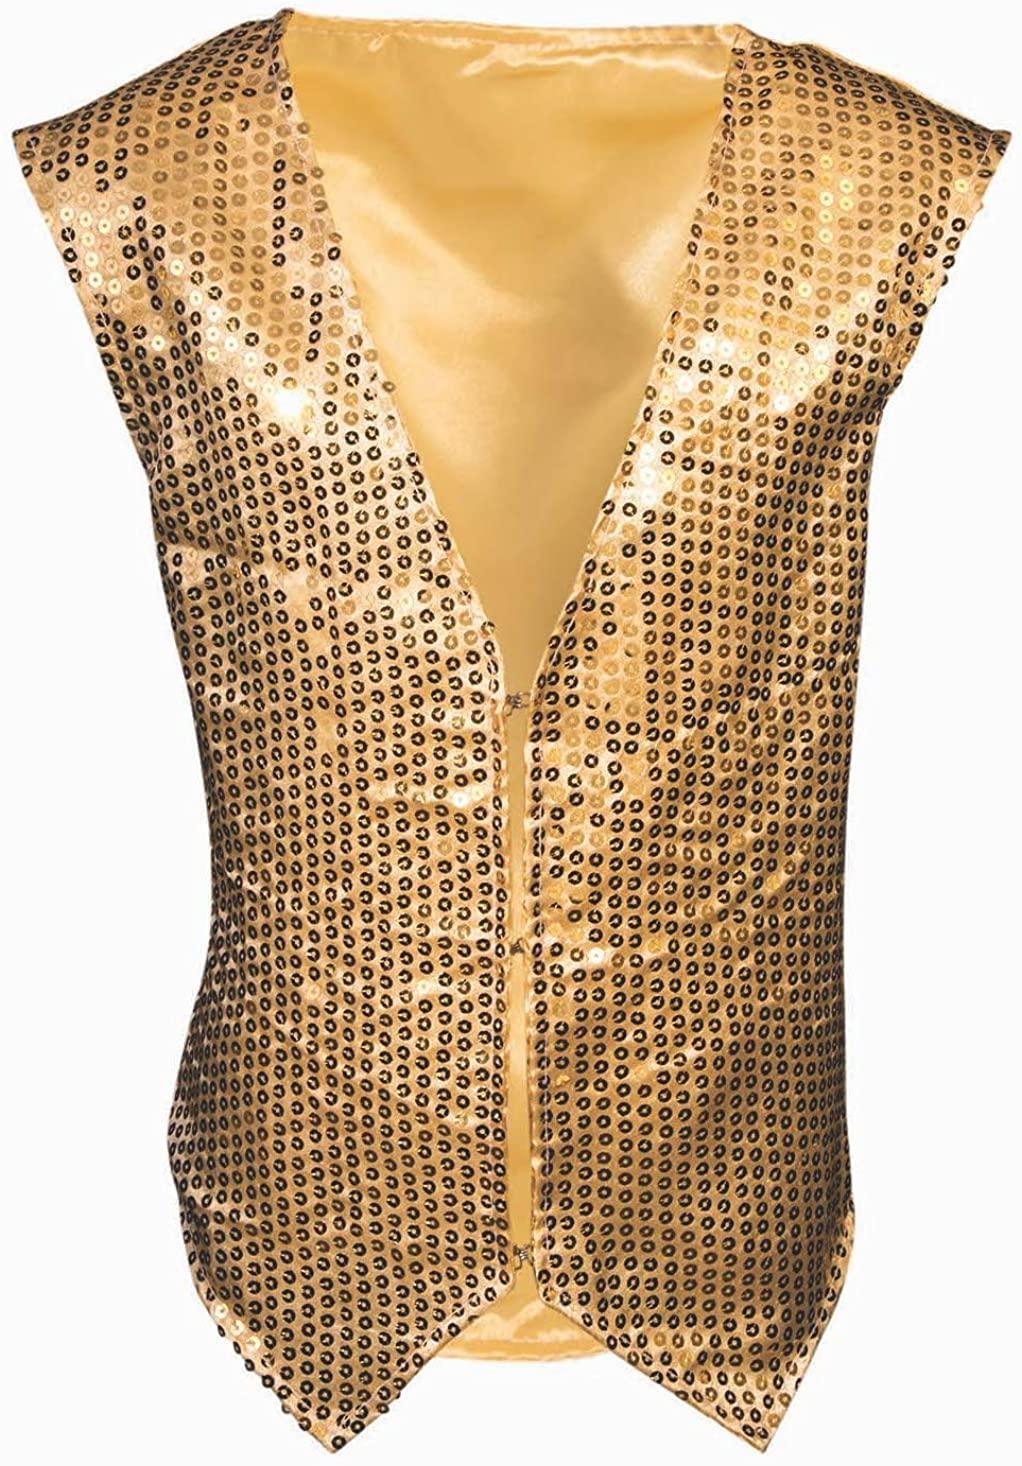 Forum Sequin Child Costume Vest